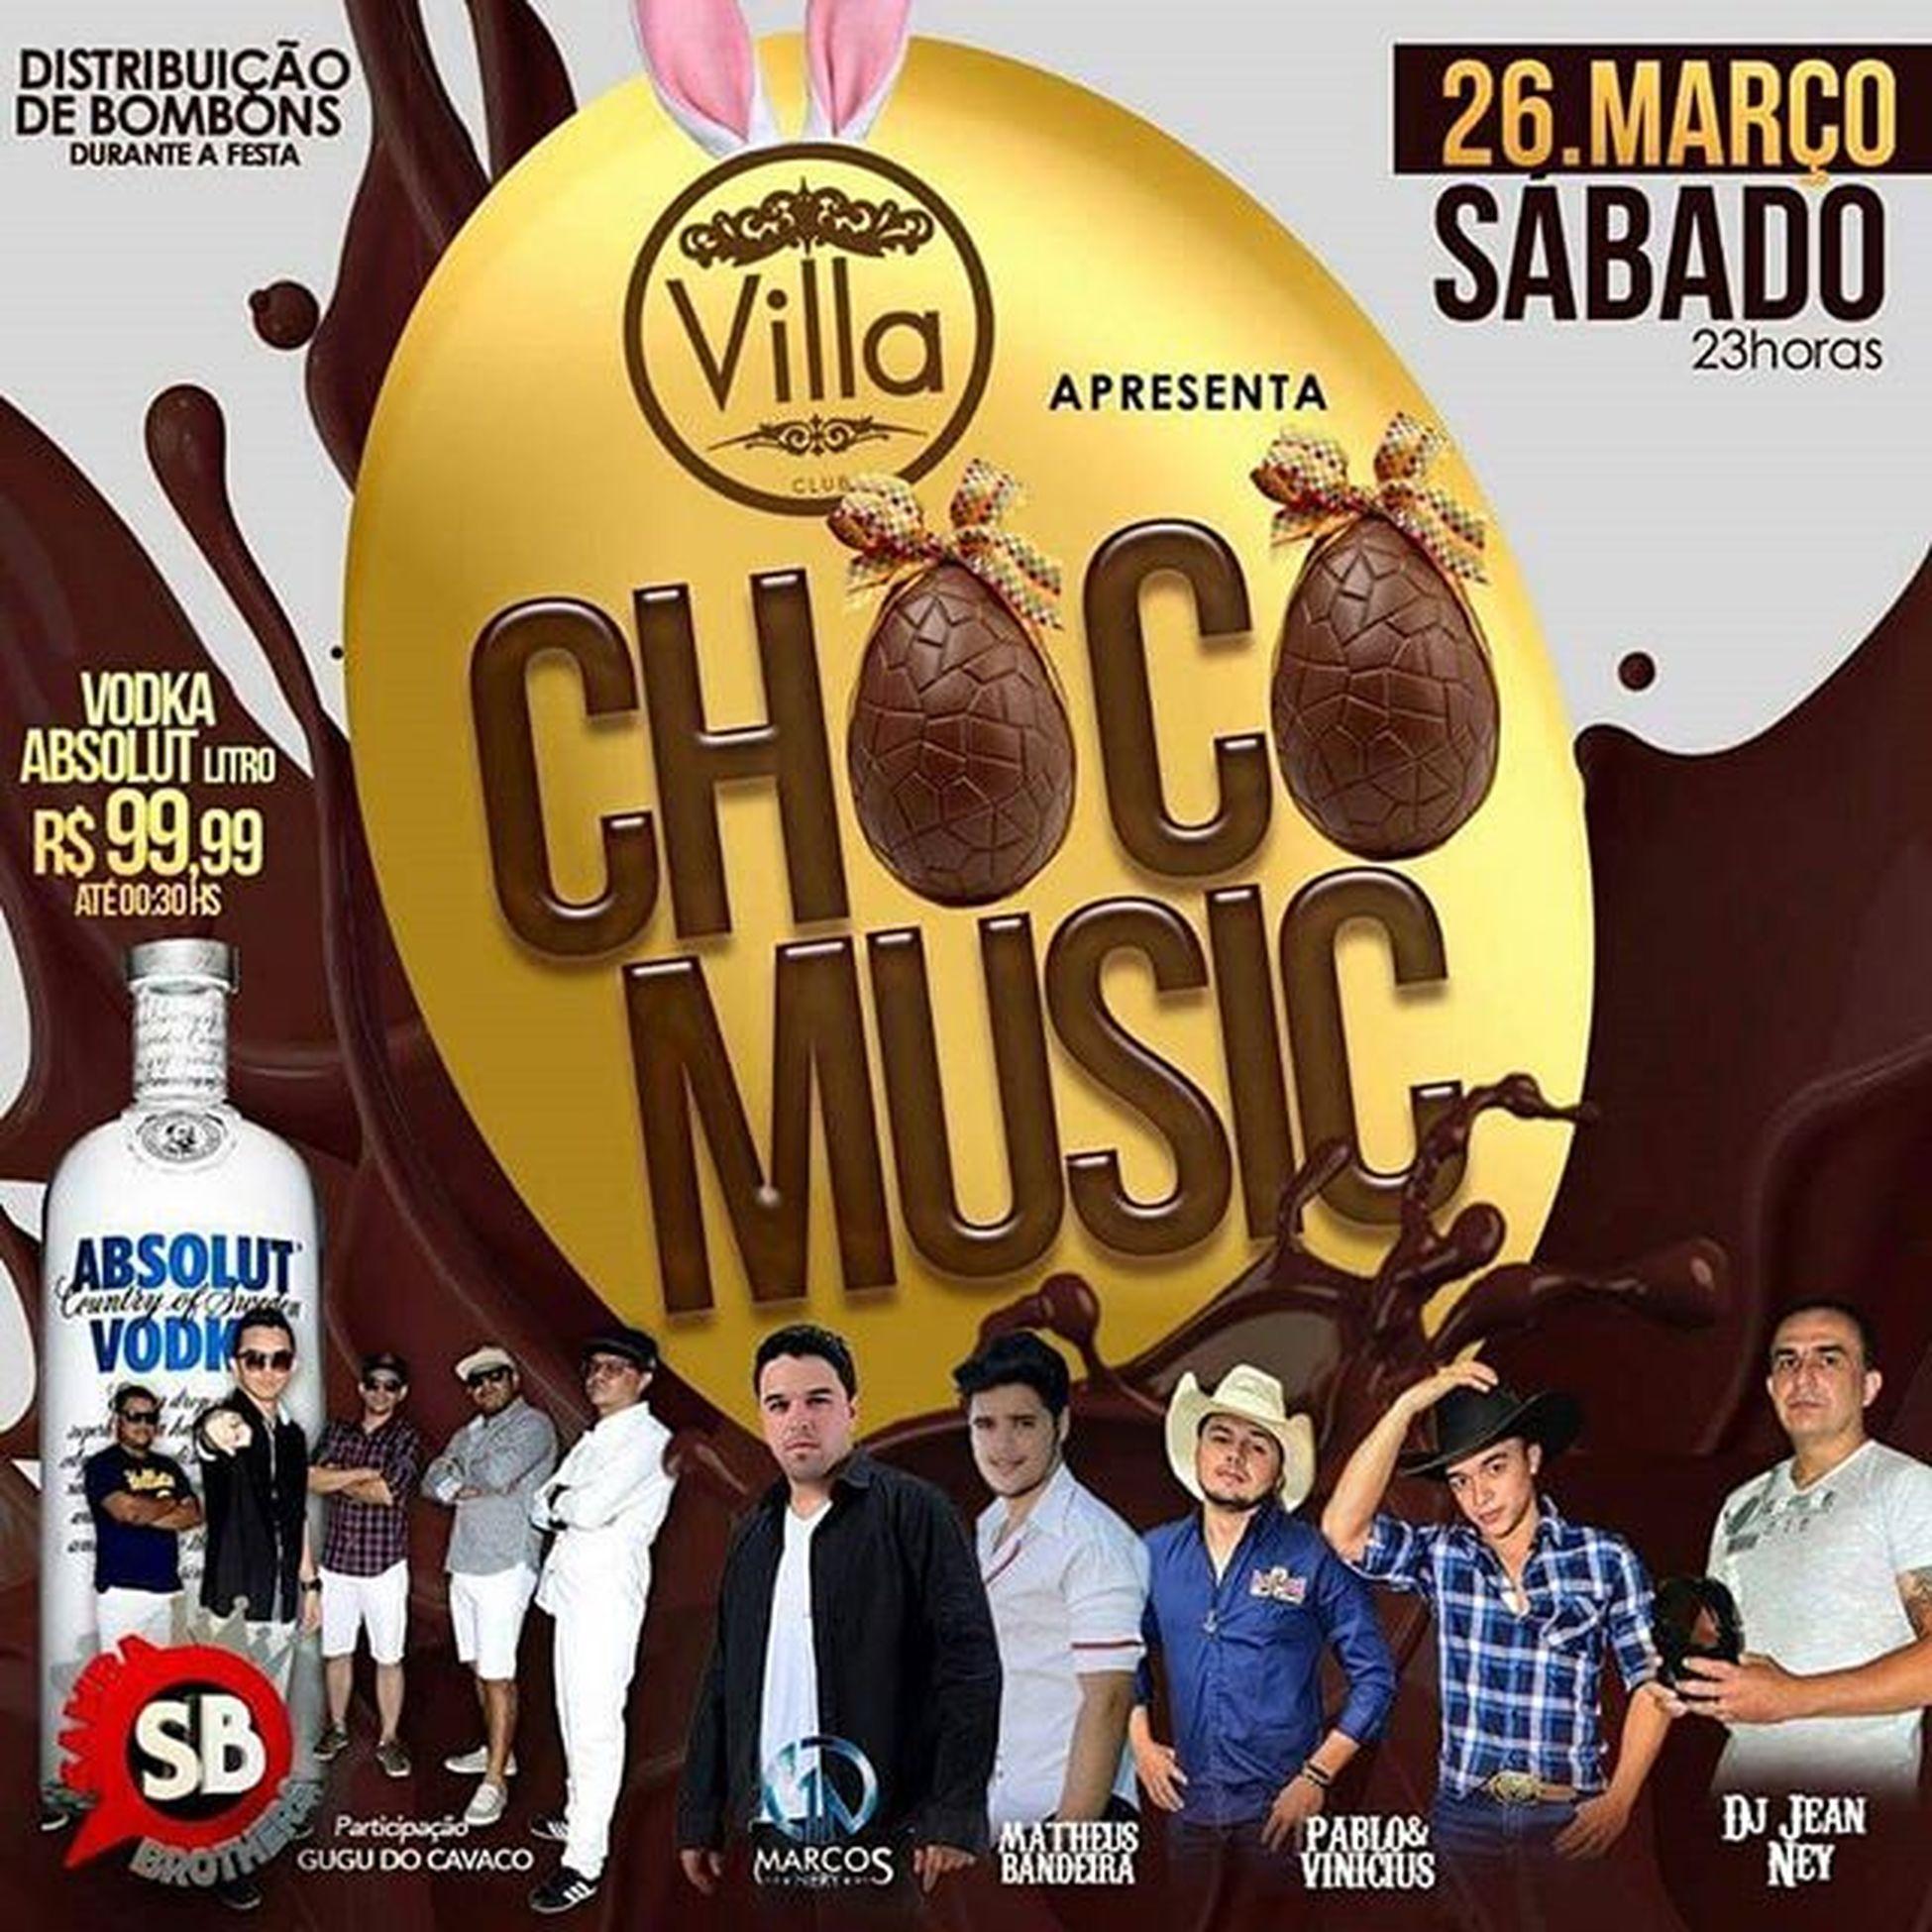 Sábado Véspera da Páscoa seu local de encontro é na VillaClub, CHOCO MUSIC com Distribuição de Bombons de Chocalate para a Mulherada no Camarote e a promoção continua, vodka com valor de R$ 99,99(até 00:30) Convites Vip: 9910-4300 (Whats) Boatarde VillaClub SábadoShow SoOsTops PáscoaNaVilla NaMelhor Sabadao Festão Sertanejo  Pagode Samba Pascoa Curta 👇 Acre Fest Eventos Siga 👉 @acrefesteventos